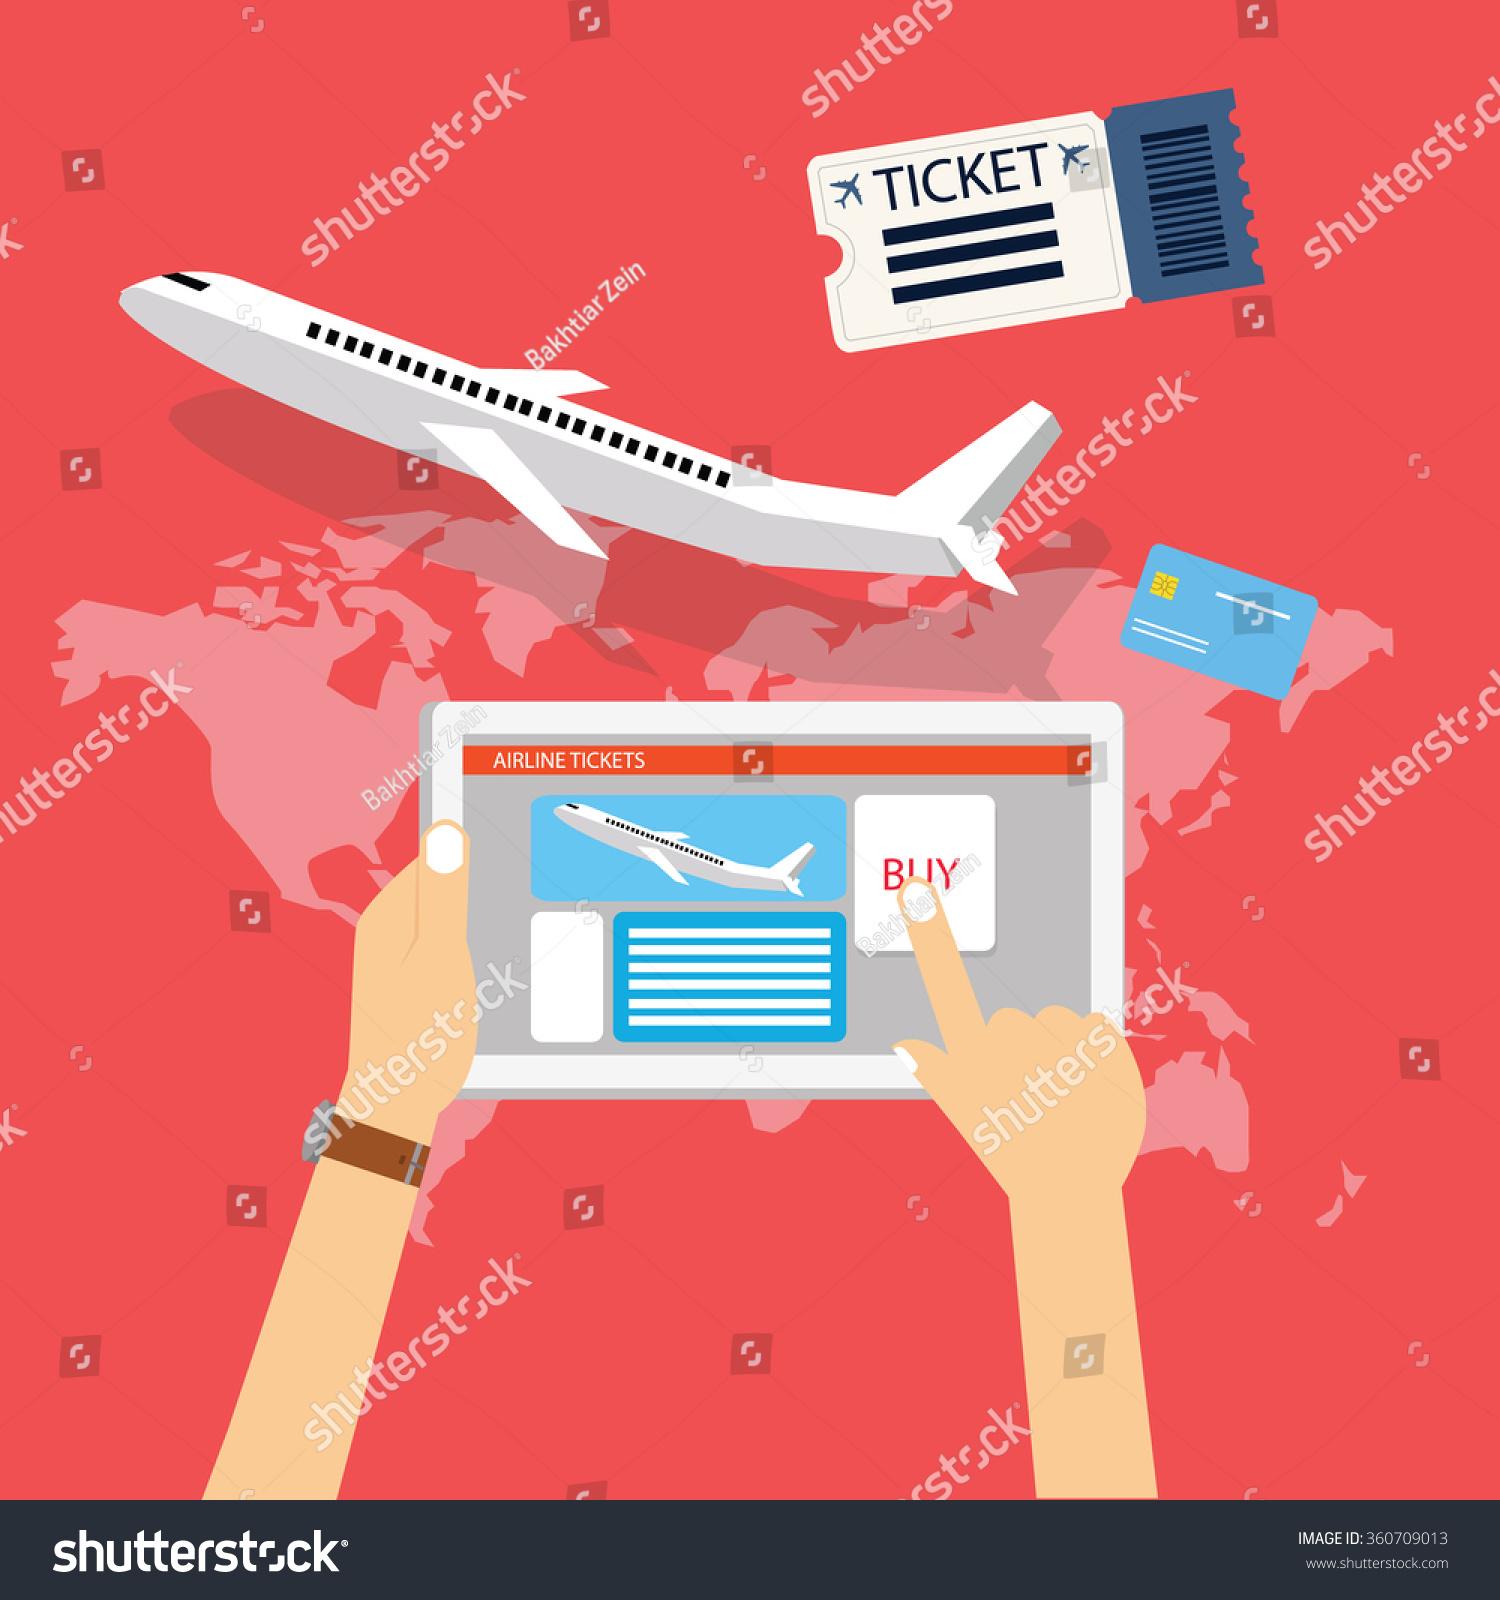 Buy Travel Tickets Online: Book Buy Plane Flight Ticket Online Stock Vector 360709013